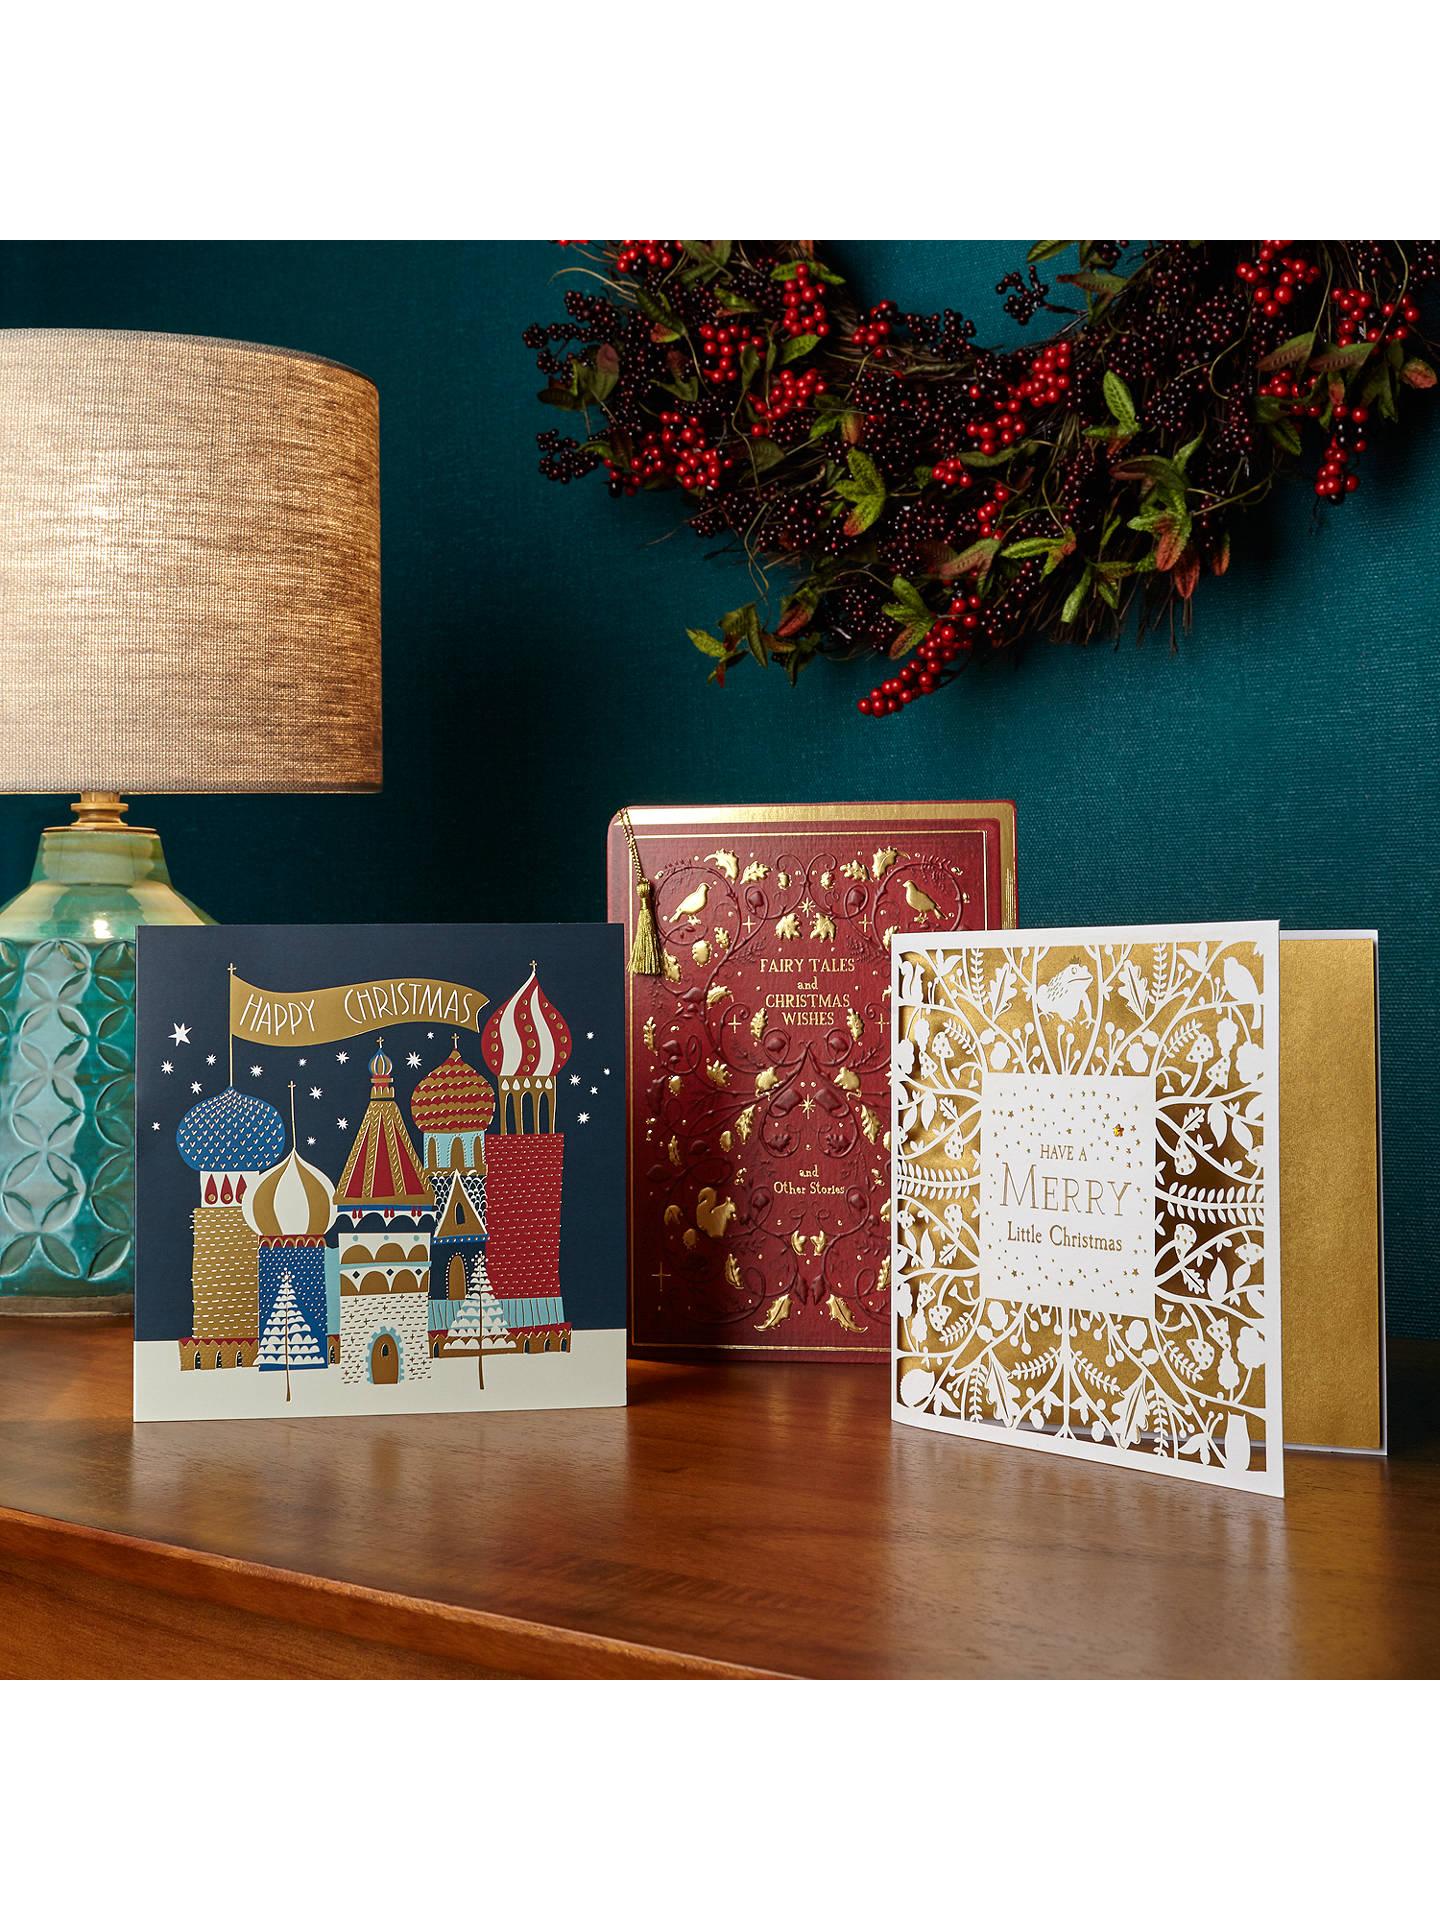 John Lewis Christmas Fairytale Book Charity Christmas Card